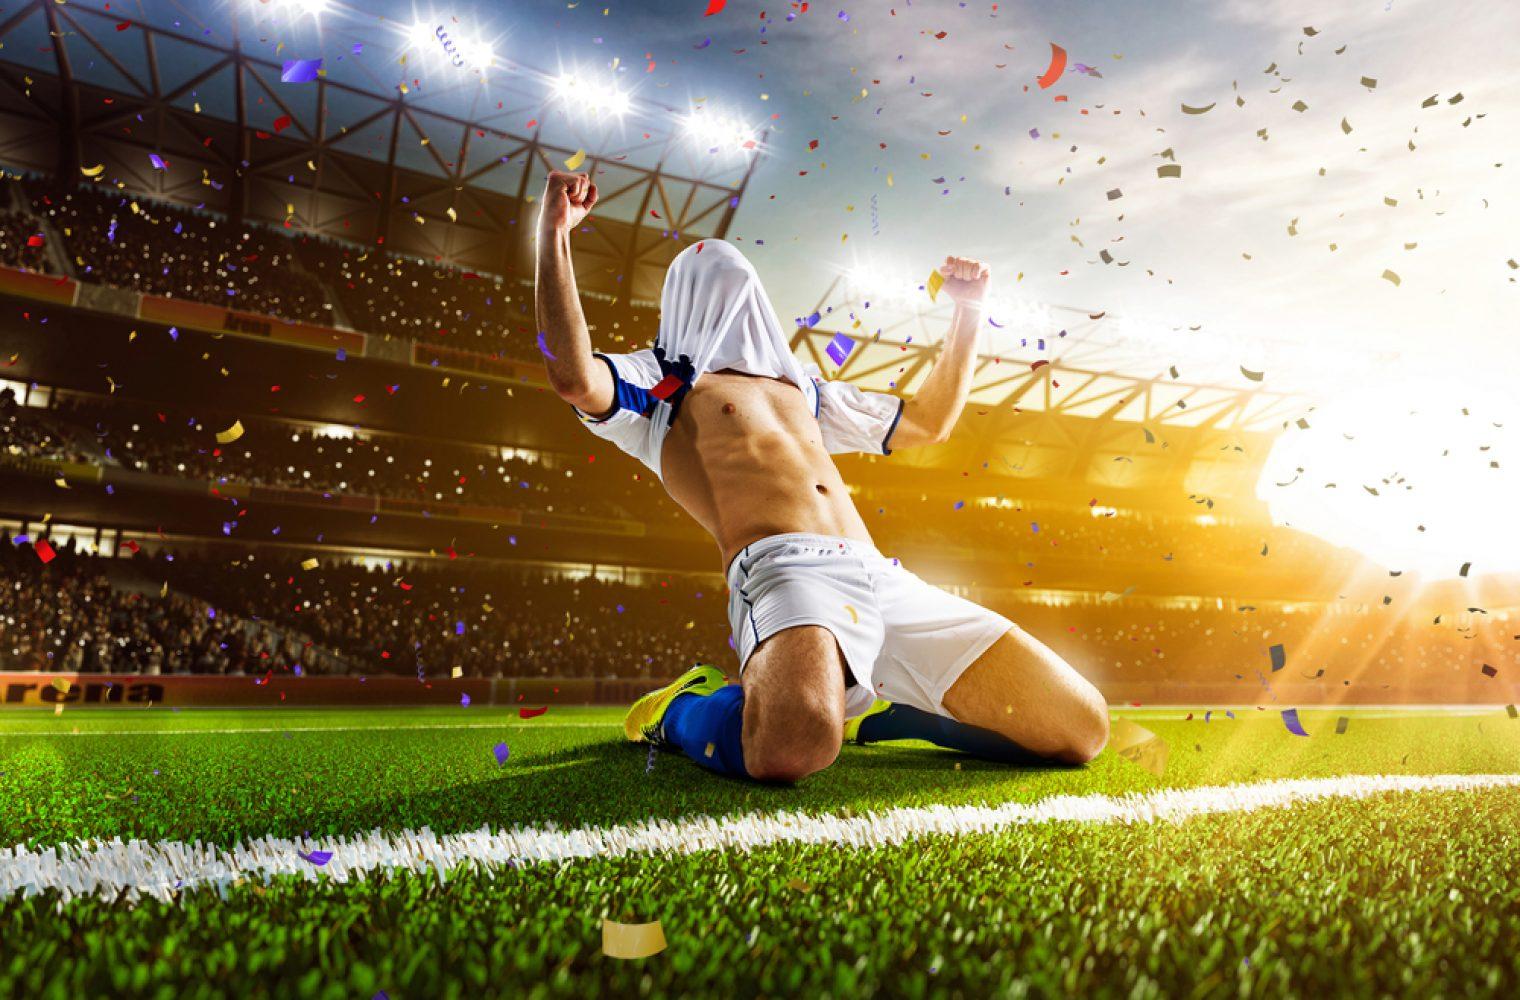 Американский футбол стратегия ставок [PUNIQRANDLINE-(au-dating-names.txt) 31